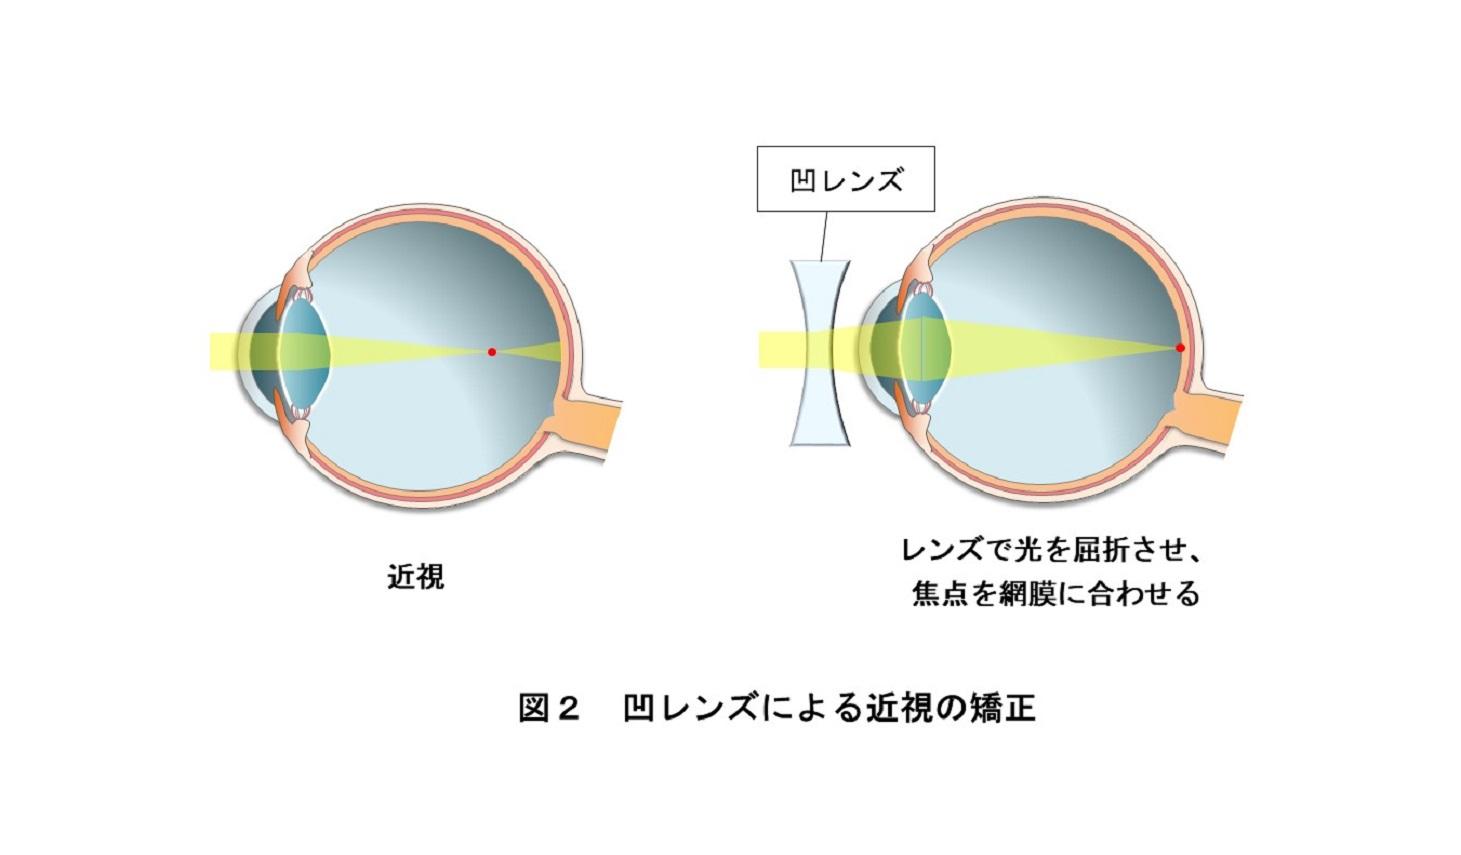 凹レンズによる近視の矯正